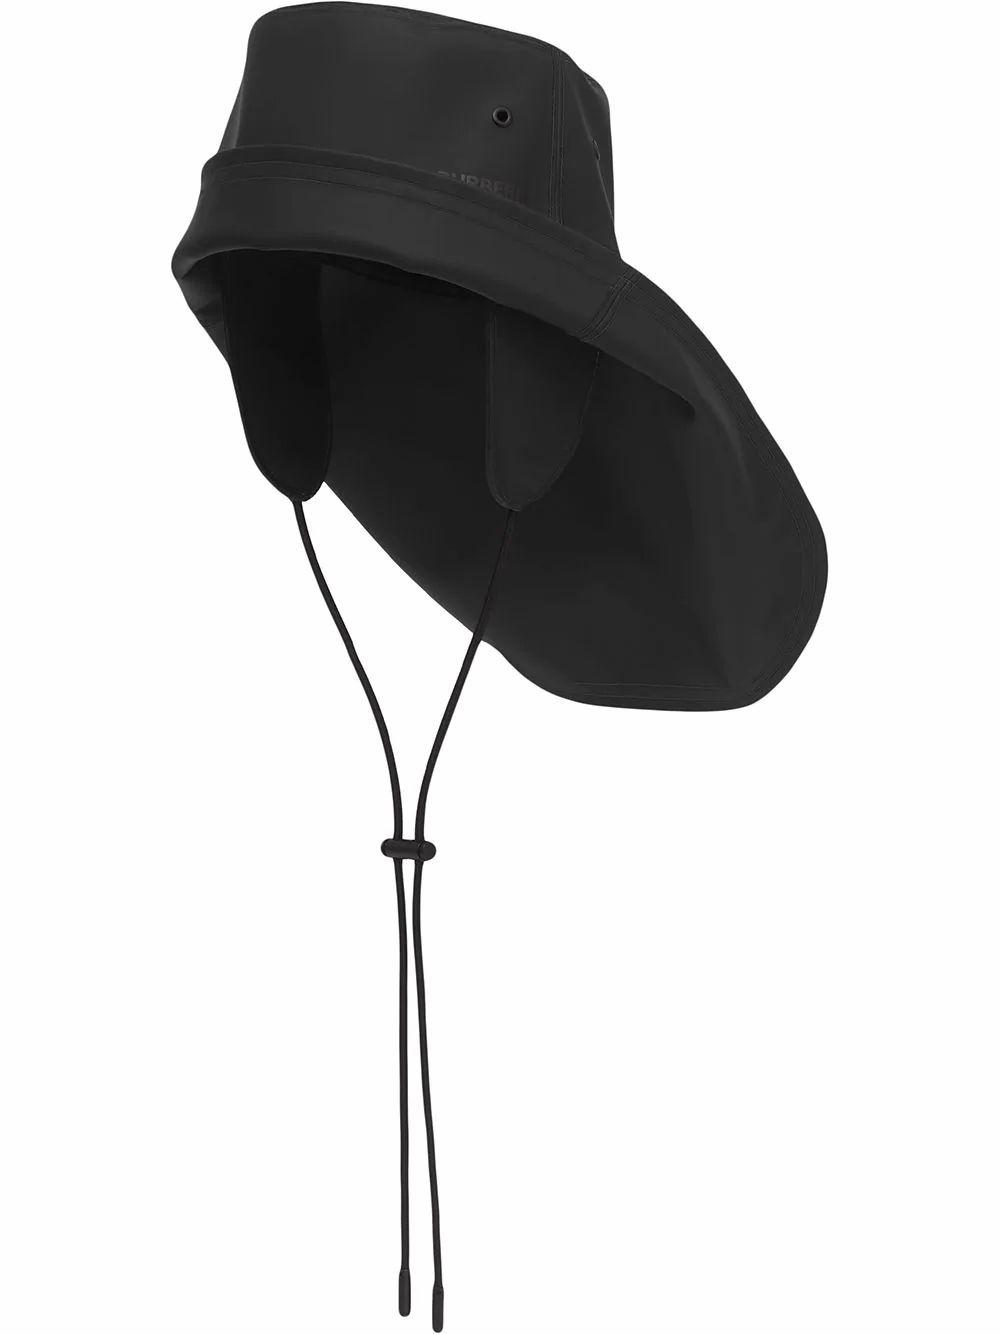 Burberry Hats BURBERRY WOMEN'S BLACK COTTON HAT